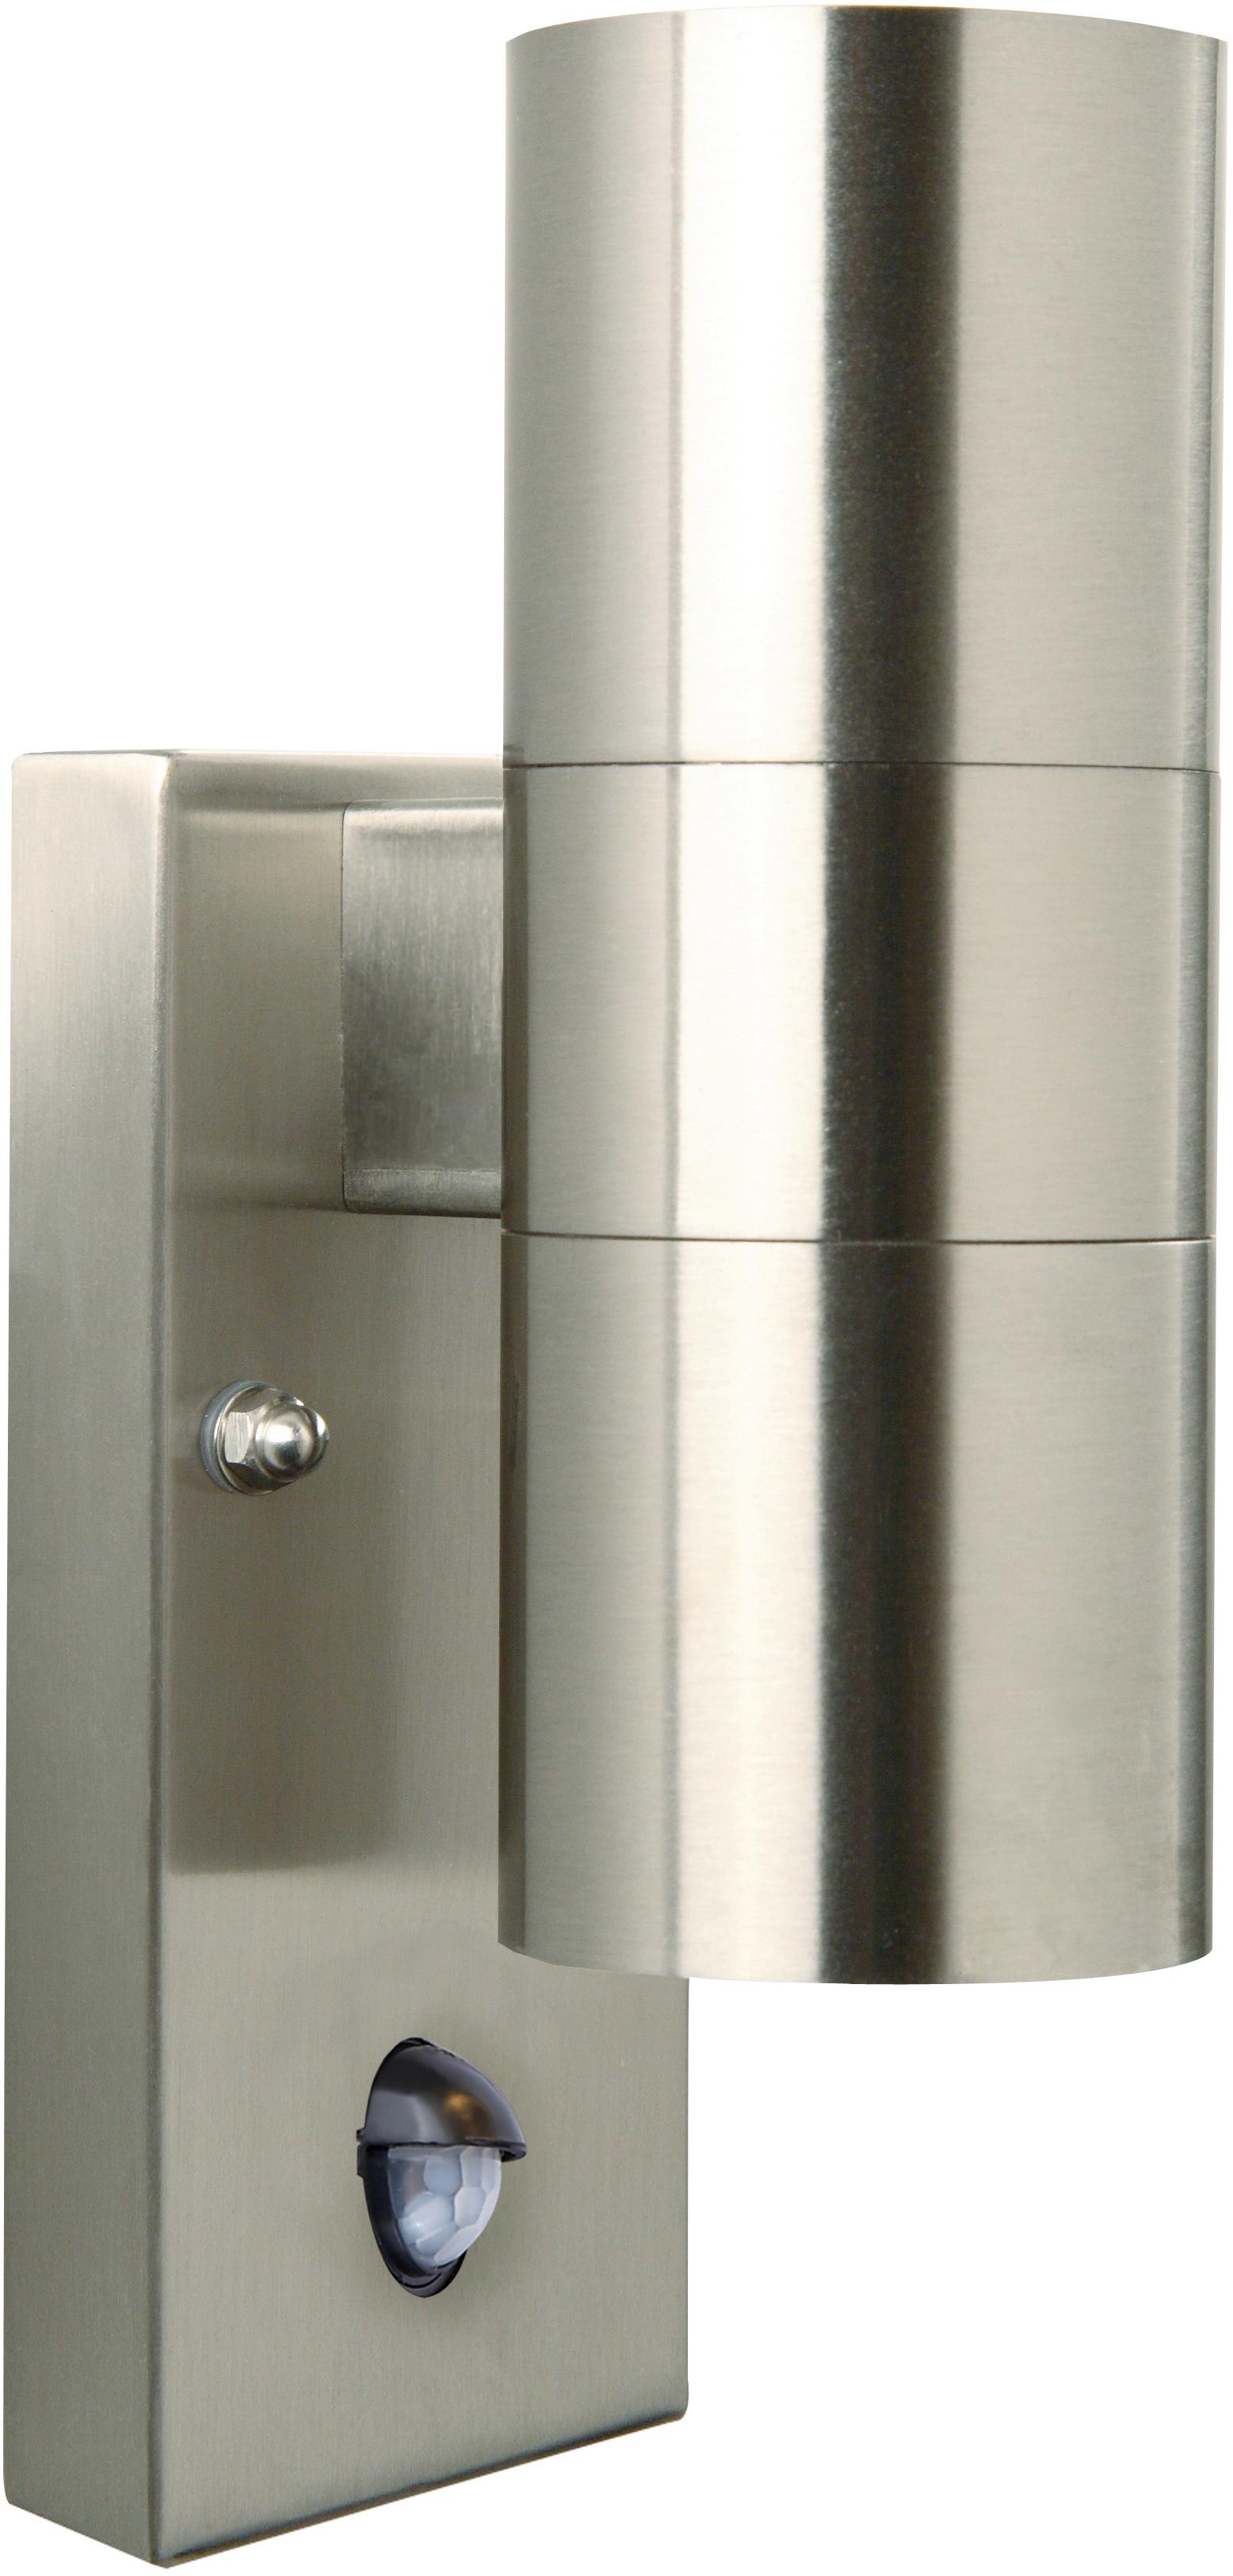 Nordlux Außen-Wandleuchte Tin mit Bewegungsmelder, GU10